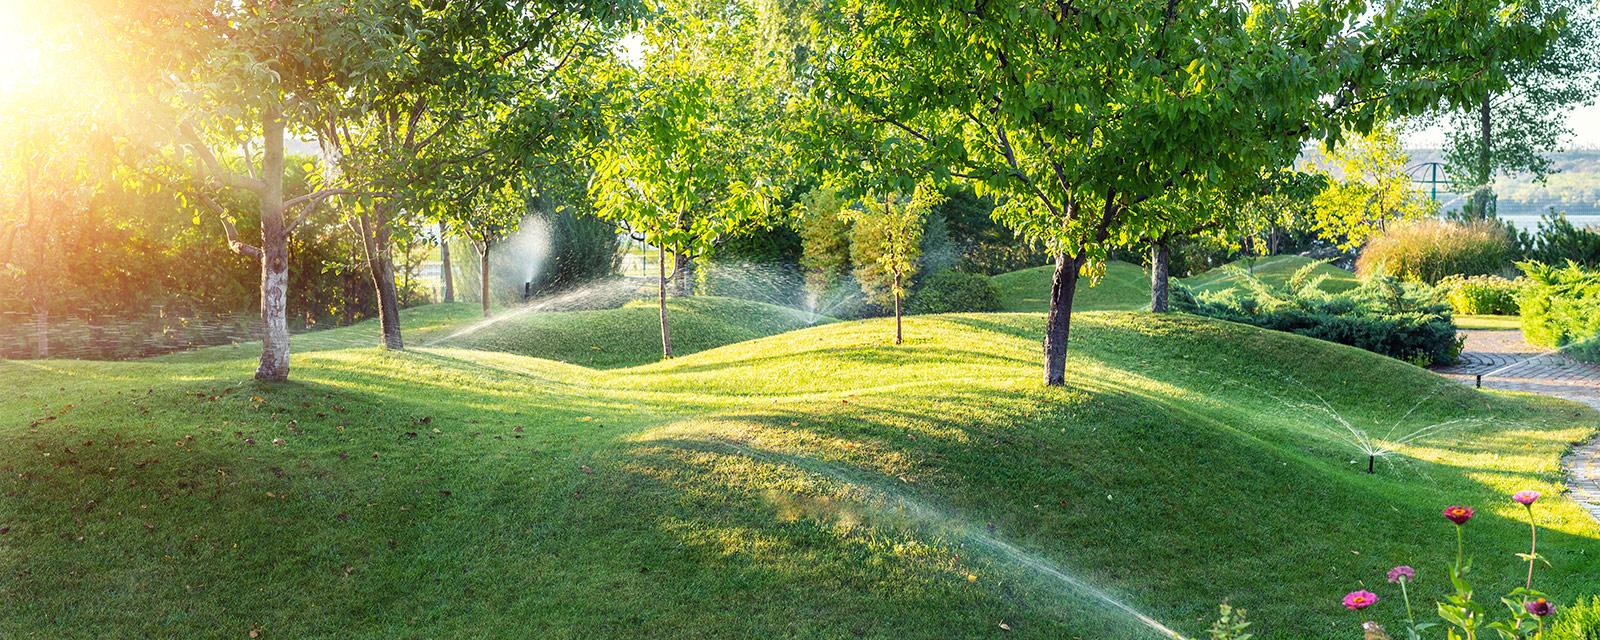 Grünteam - Garten-und Landschaftsbau Heilbronn